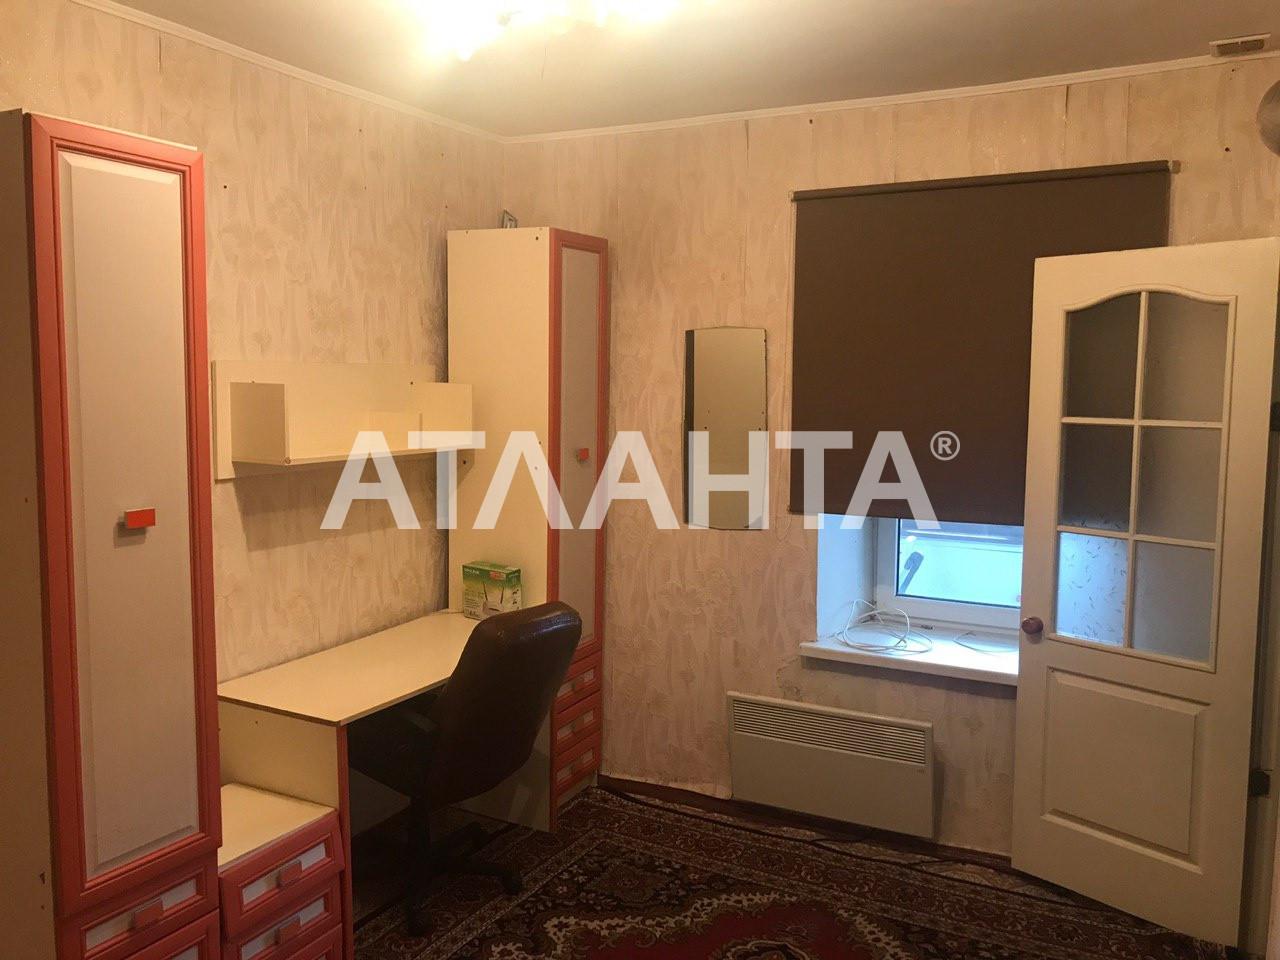 Продается 1-комнатная Квартира на ул. Ризовская (Севастопольская) — 15 500 у.е. (фото №10)